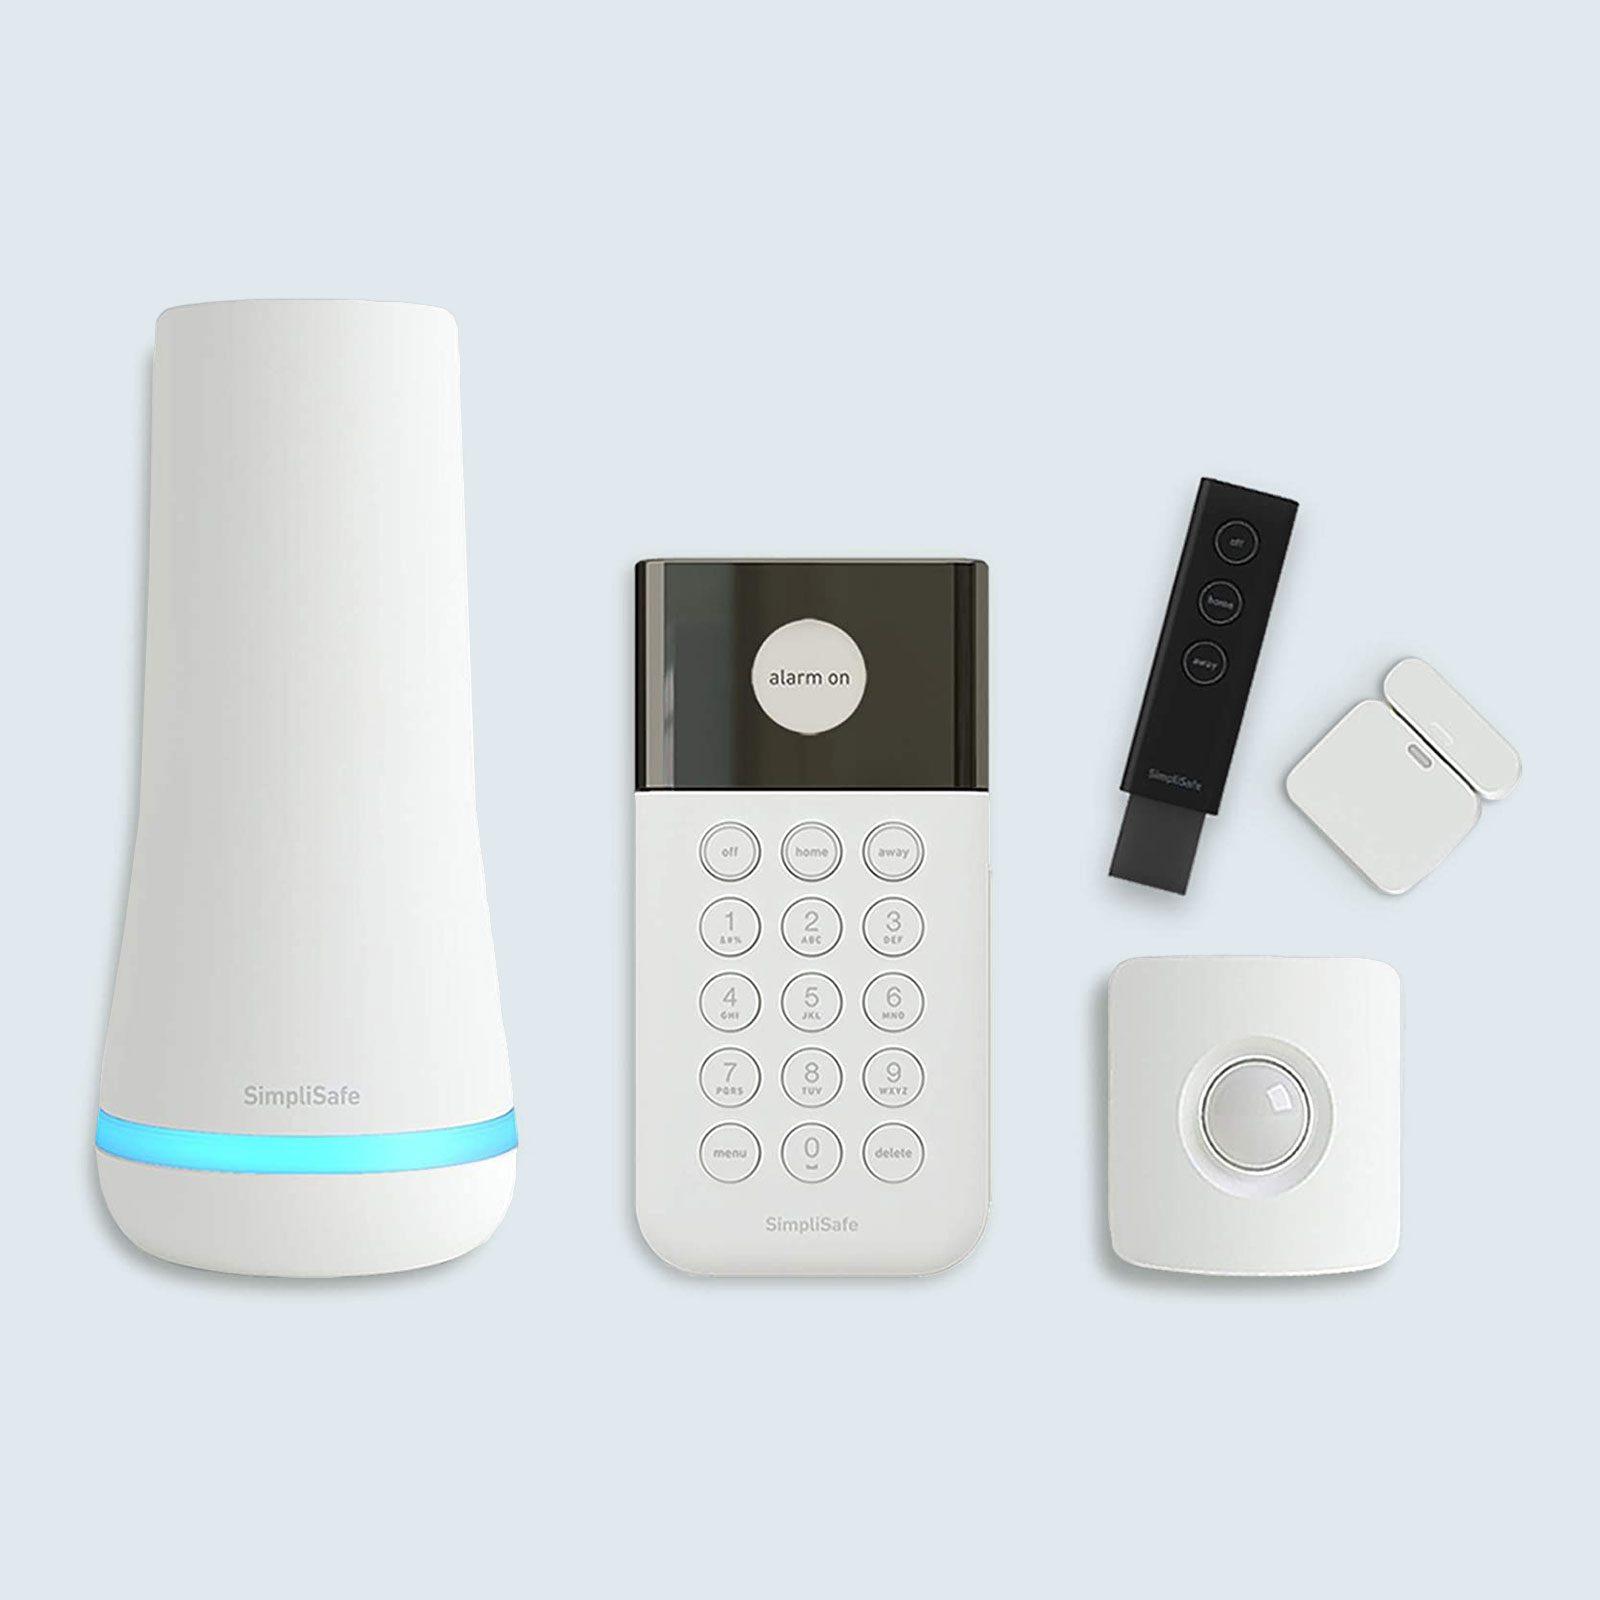 SimpliSafe 5-Piece Home Security System